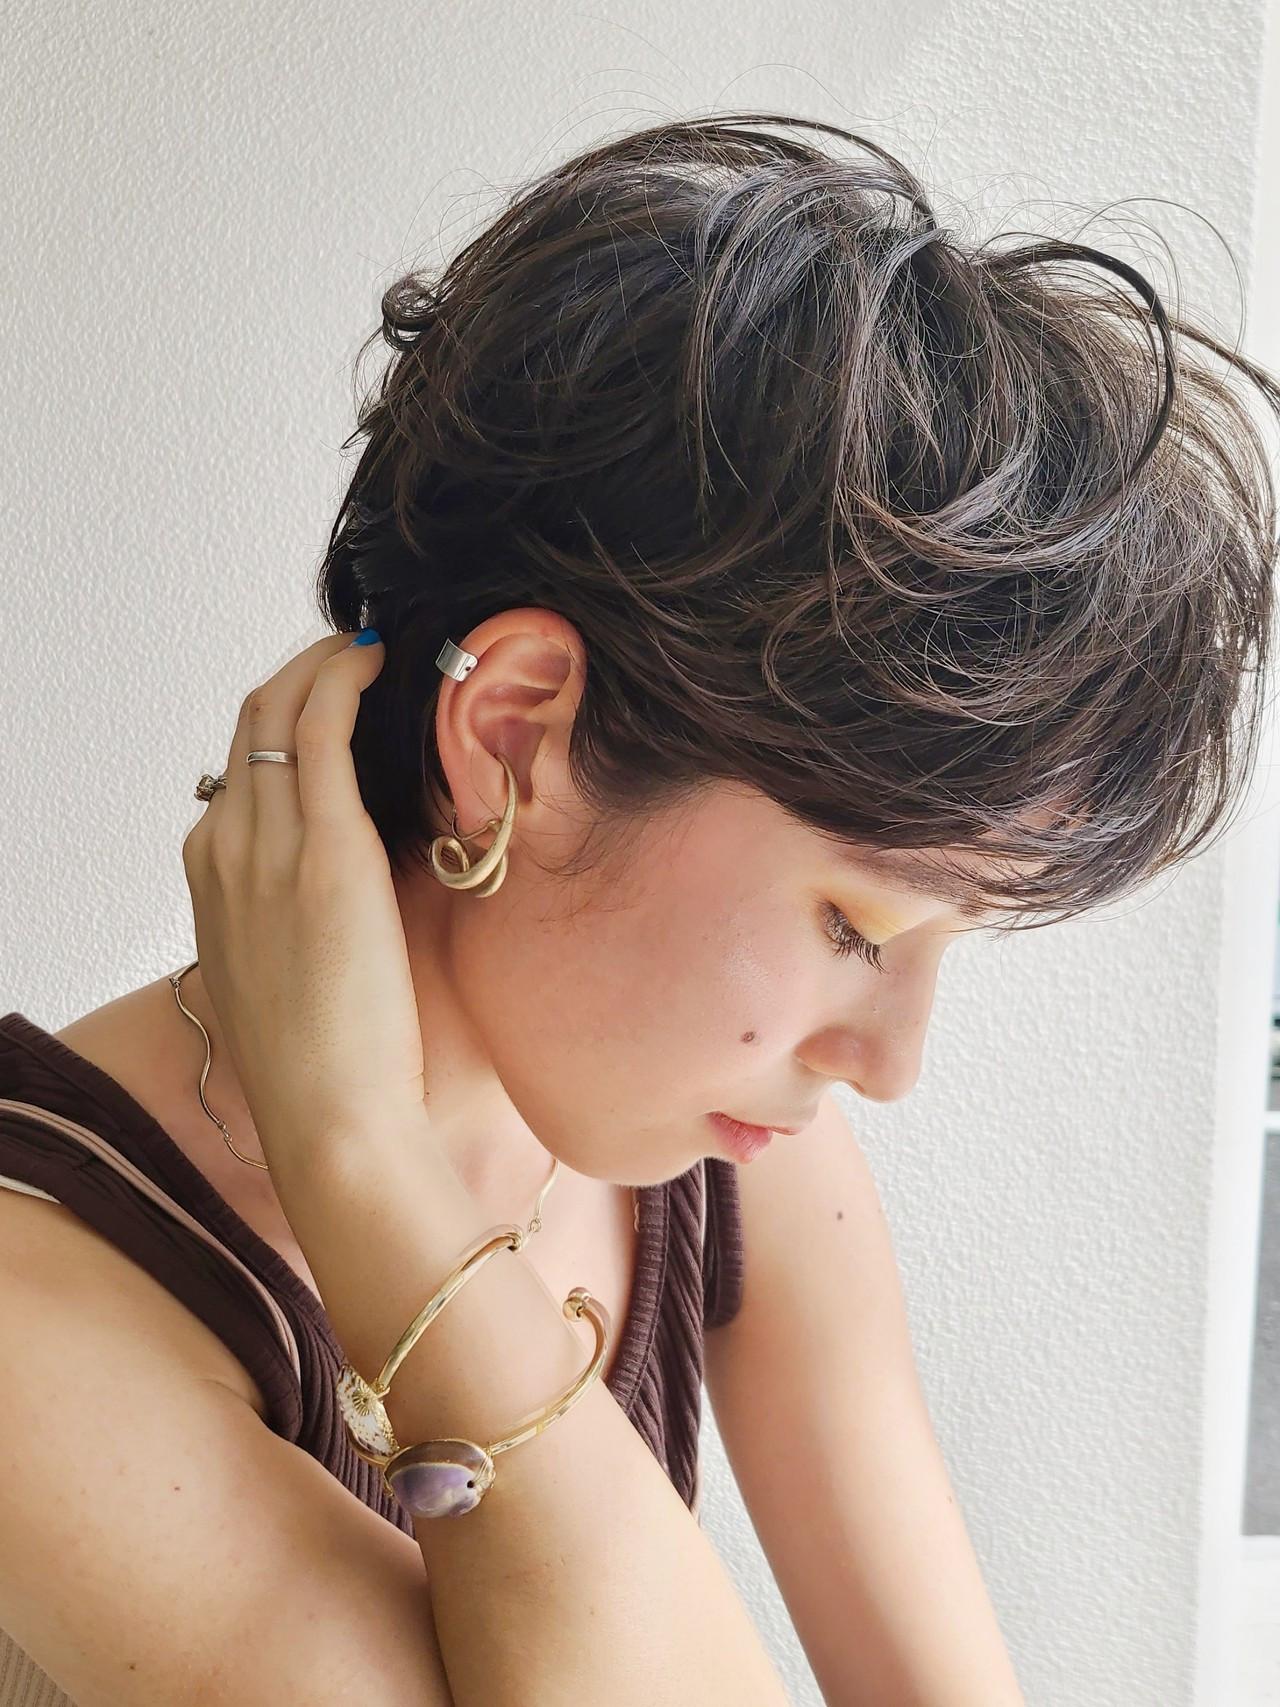 ショート ニュアンスパーマ ハンサムショート ショートボブ ヘアスタイルや髪型の写真・画像